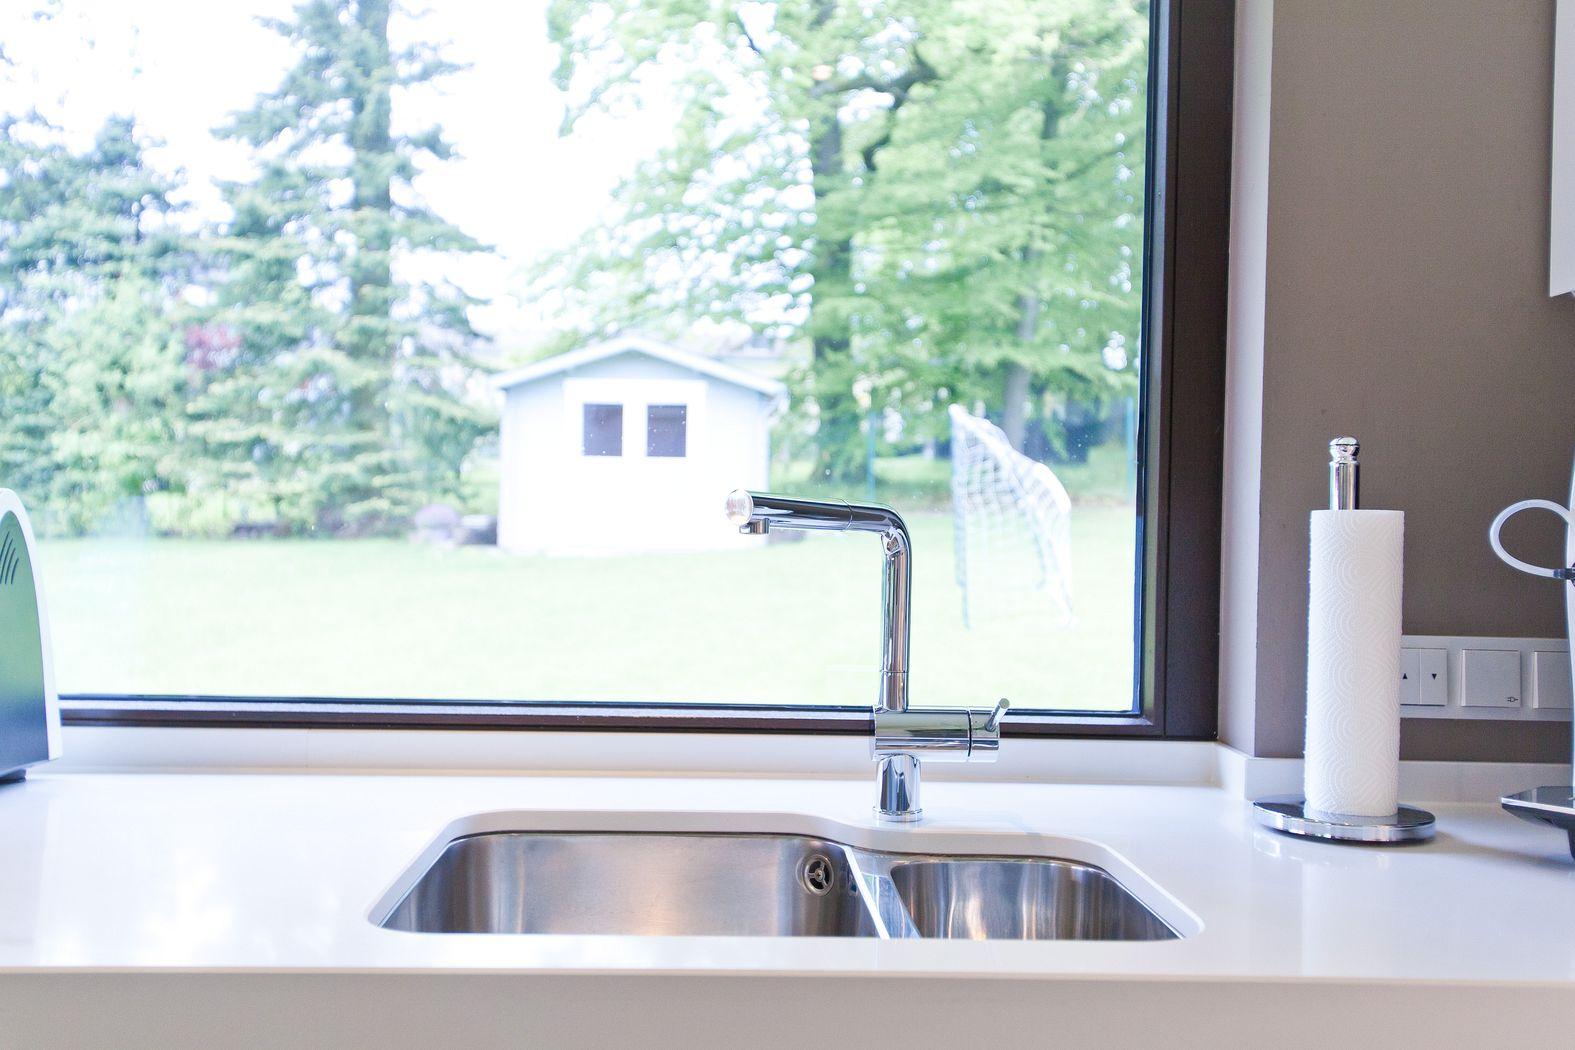 Moderne Hochglanz Küche in weiß mit Miele Geräten - Küchenhaus ...